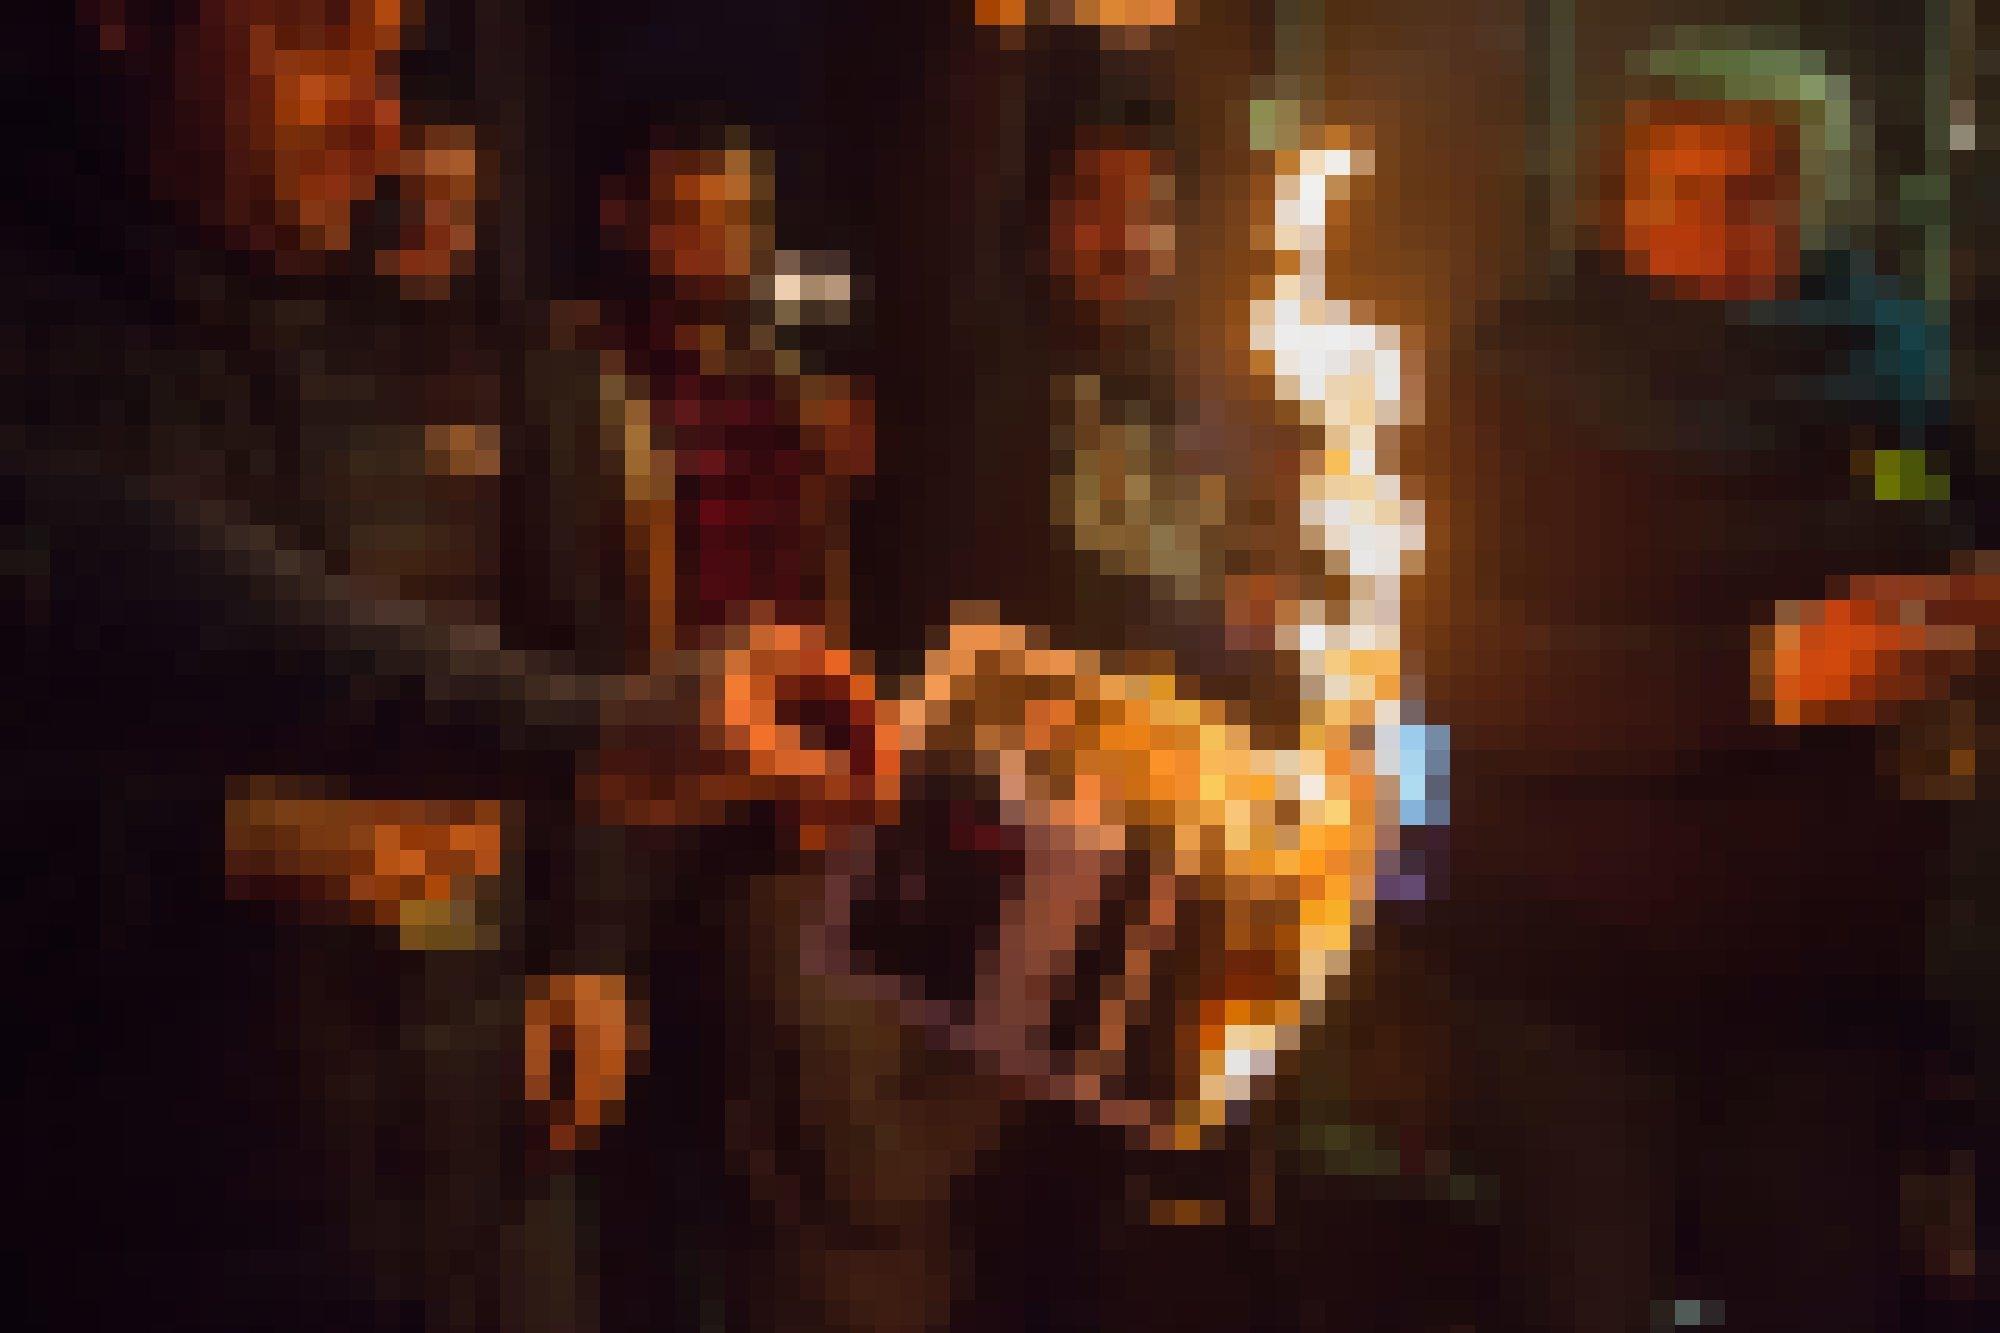 Nach der Urteil des Tribunals für Menschenrechte in Straßburg ist es nicht illegal, Bilder des Königs zu verbrennen.